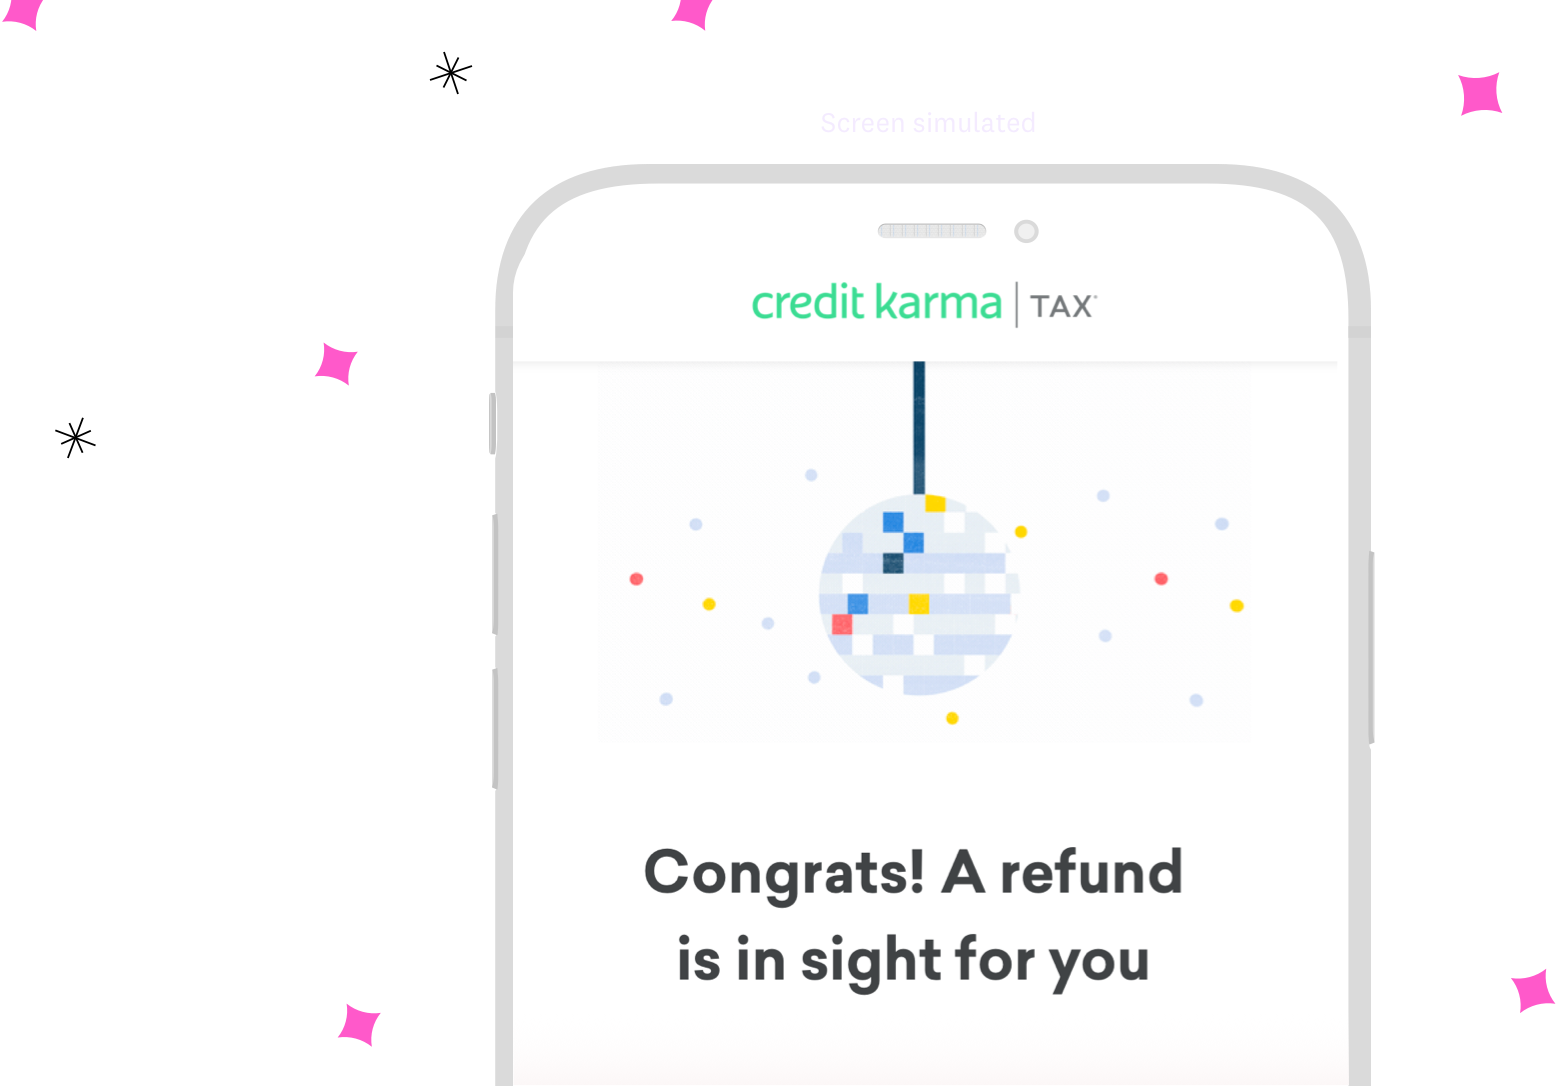 credit karma tax contact number